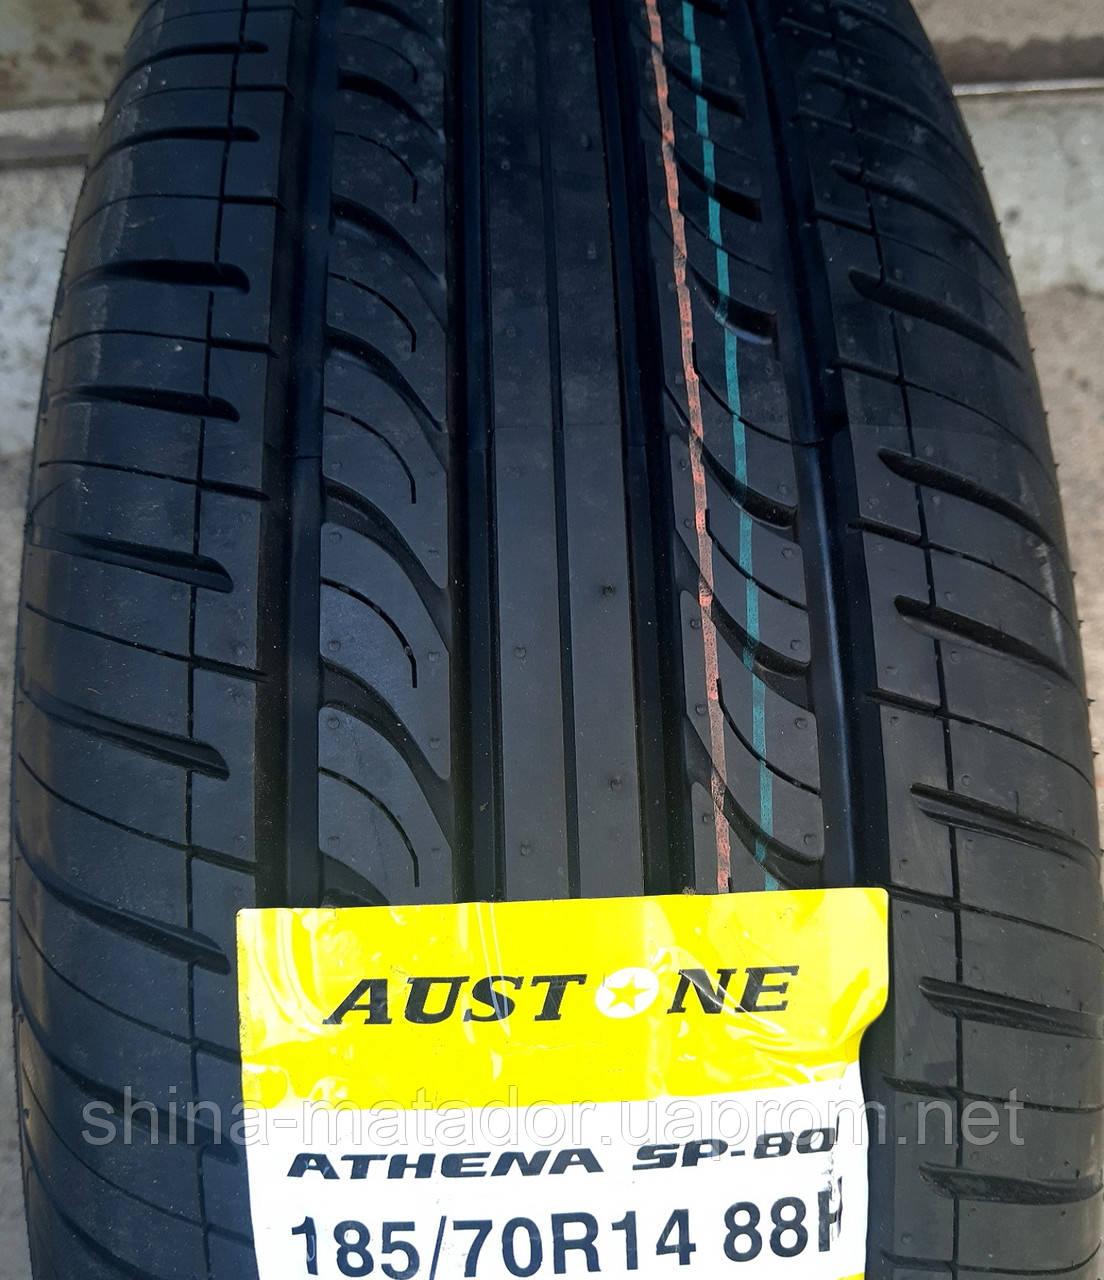 Купить Шины 185/70 R14 88H Austone Athena SP-801